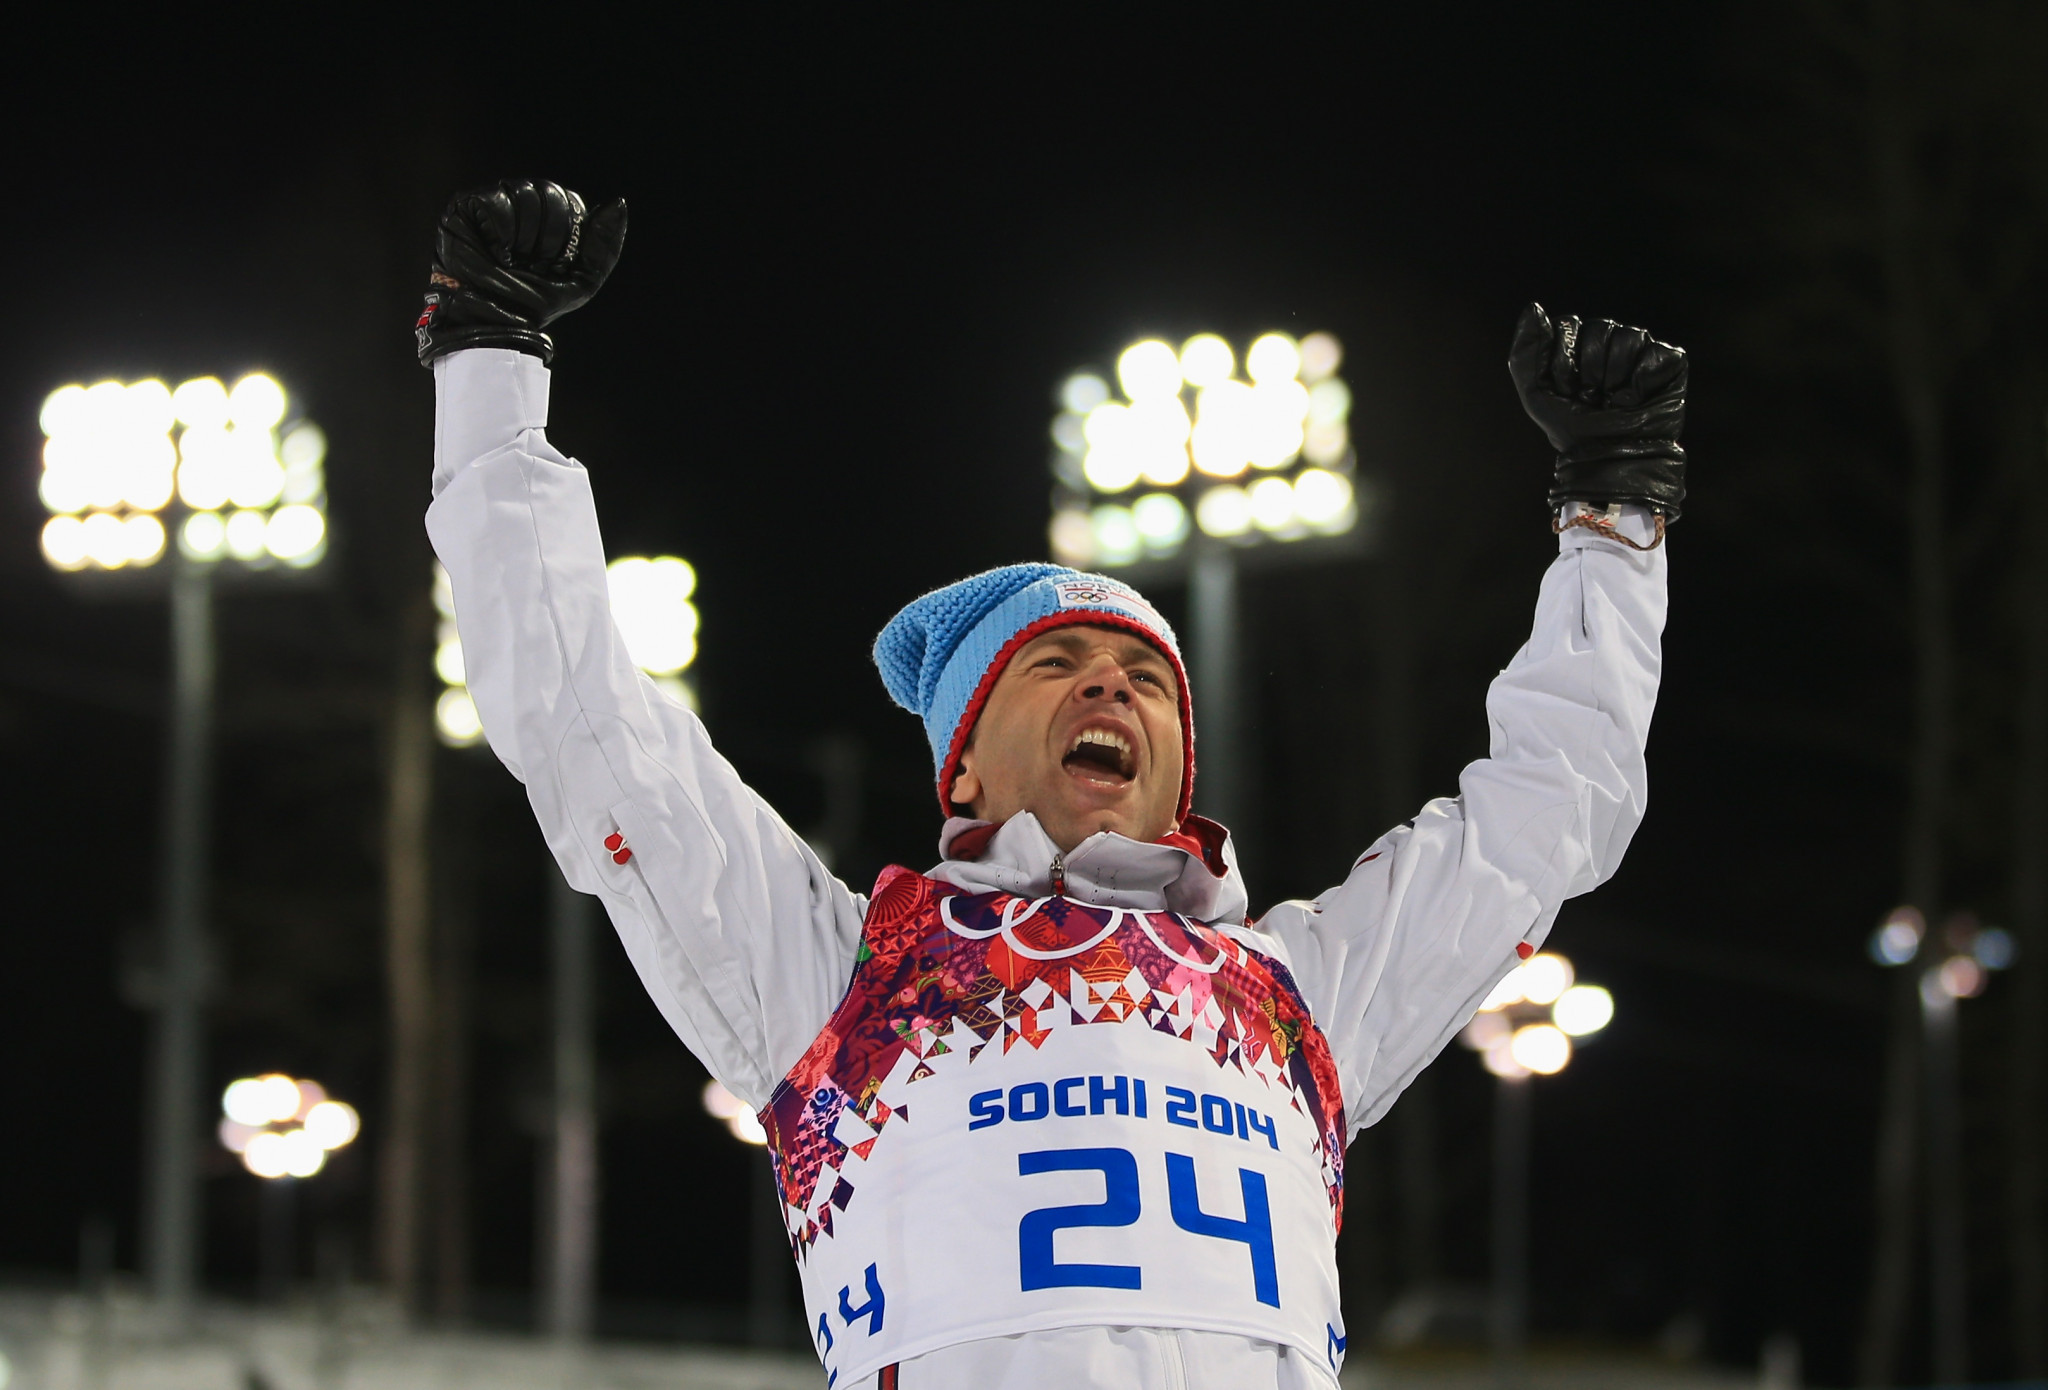 Ole Einar Bjørndalen is China's men's biathlon coach ©Getty Images